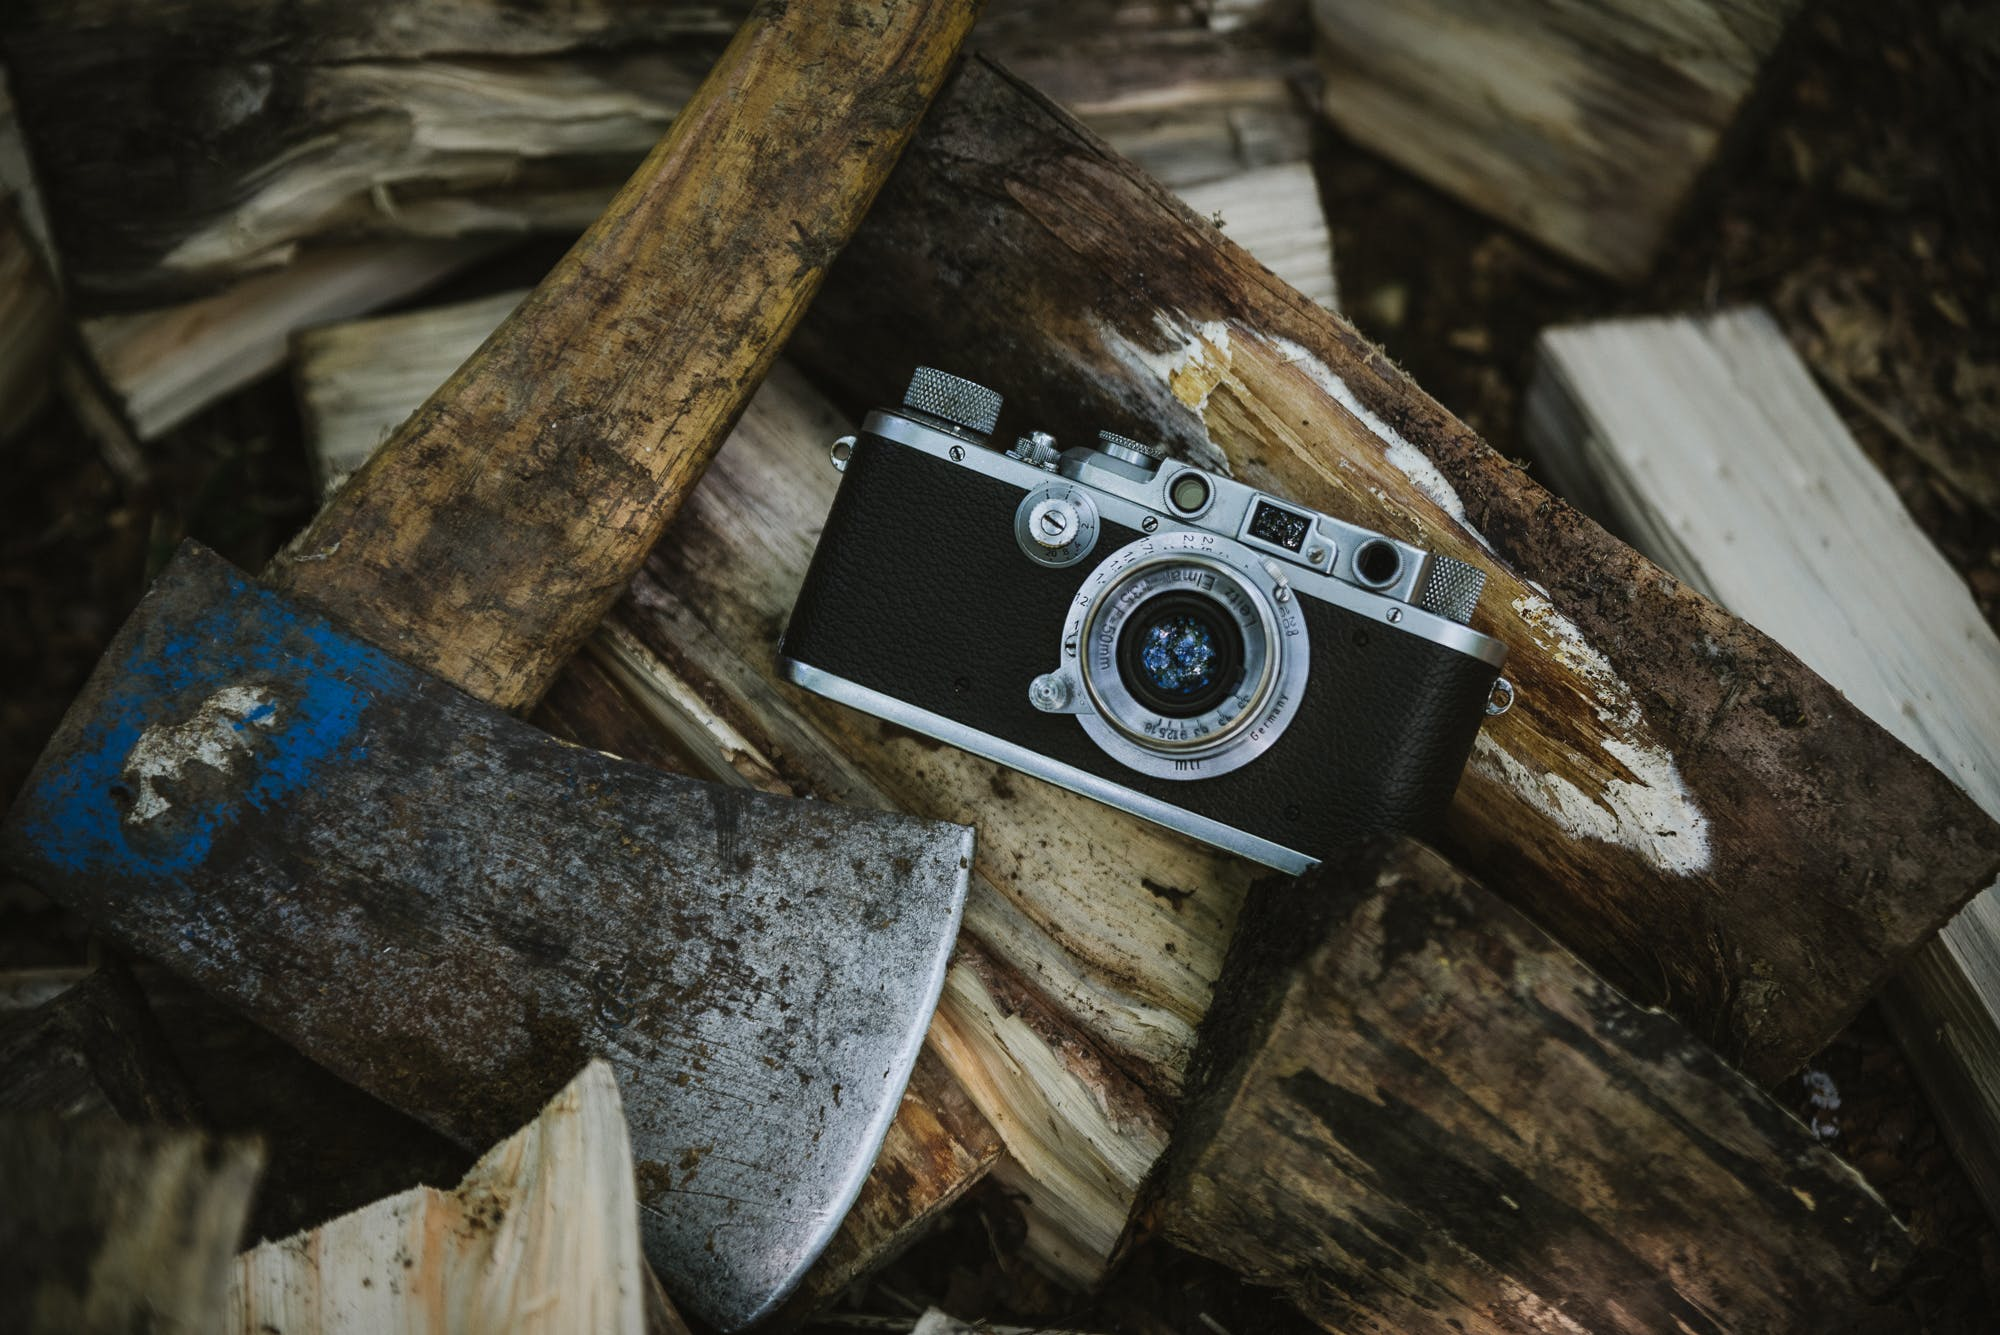 Black And Grey Camera Near Ax